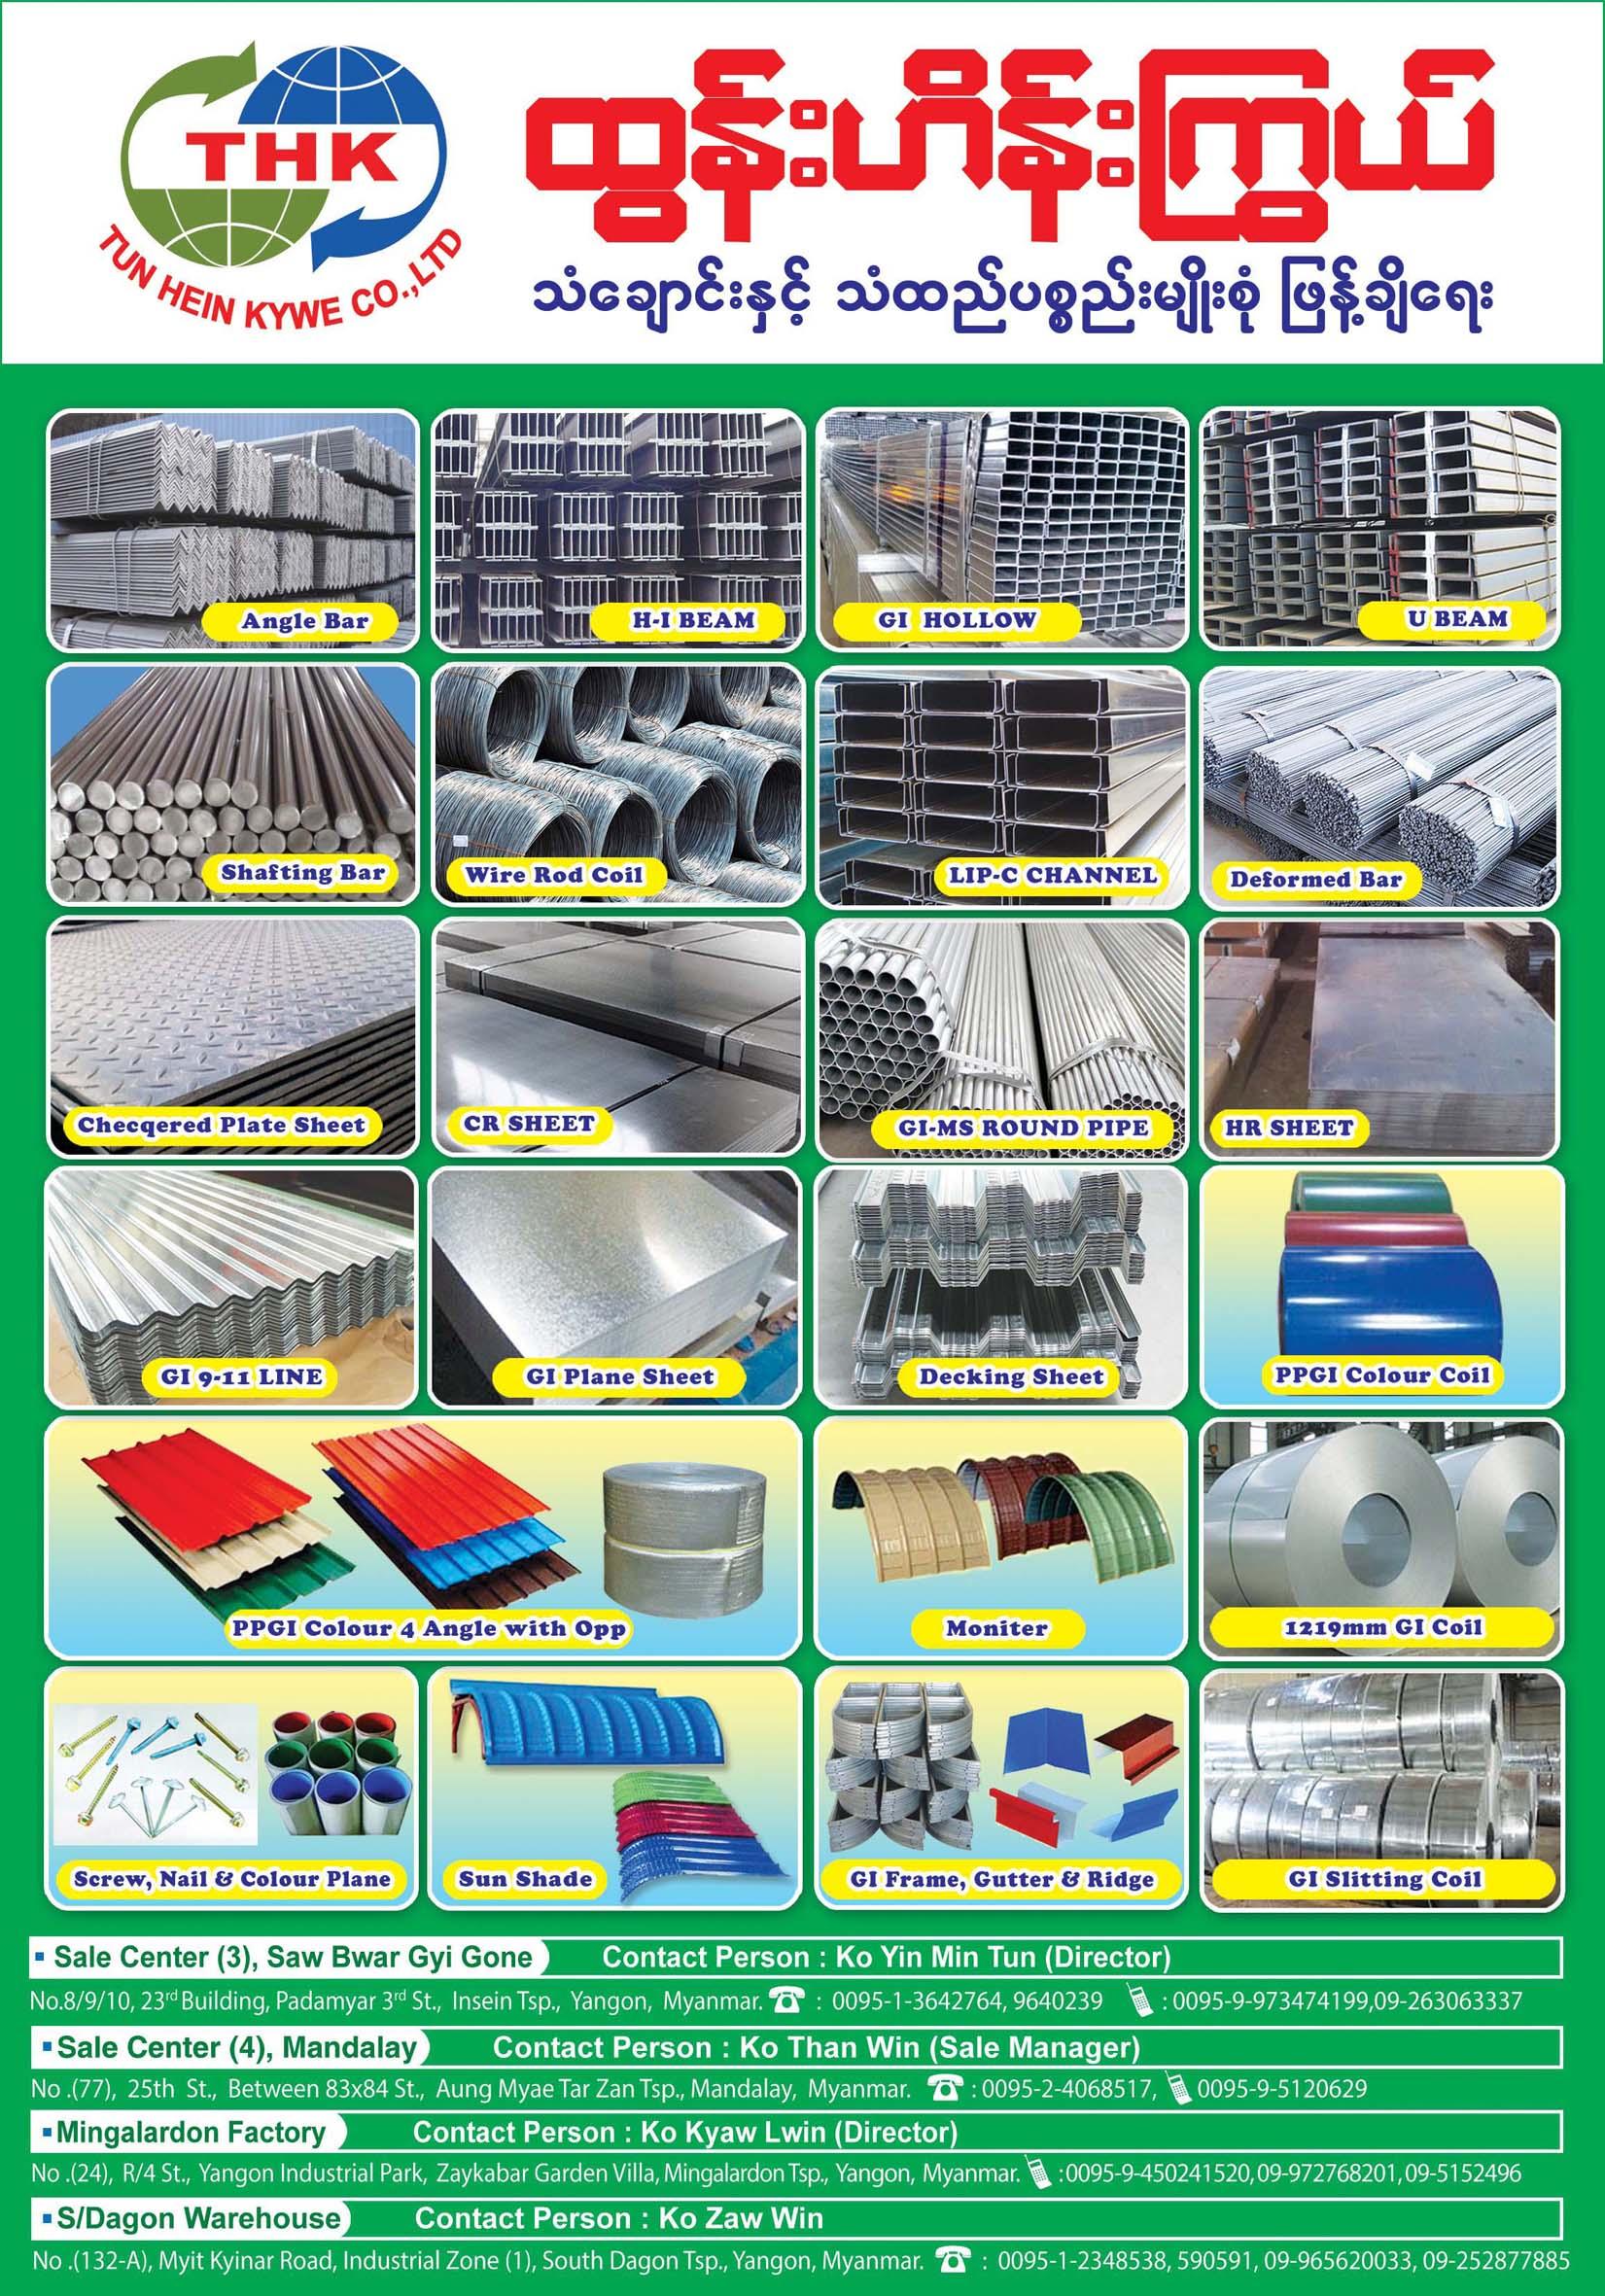 Tun Hein Kywe Co., Ltd.